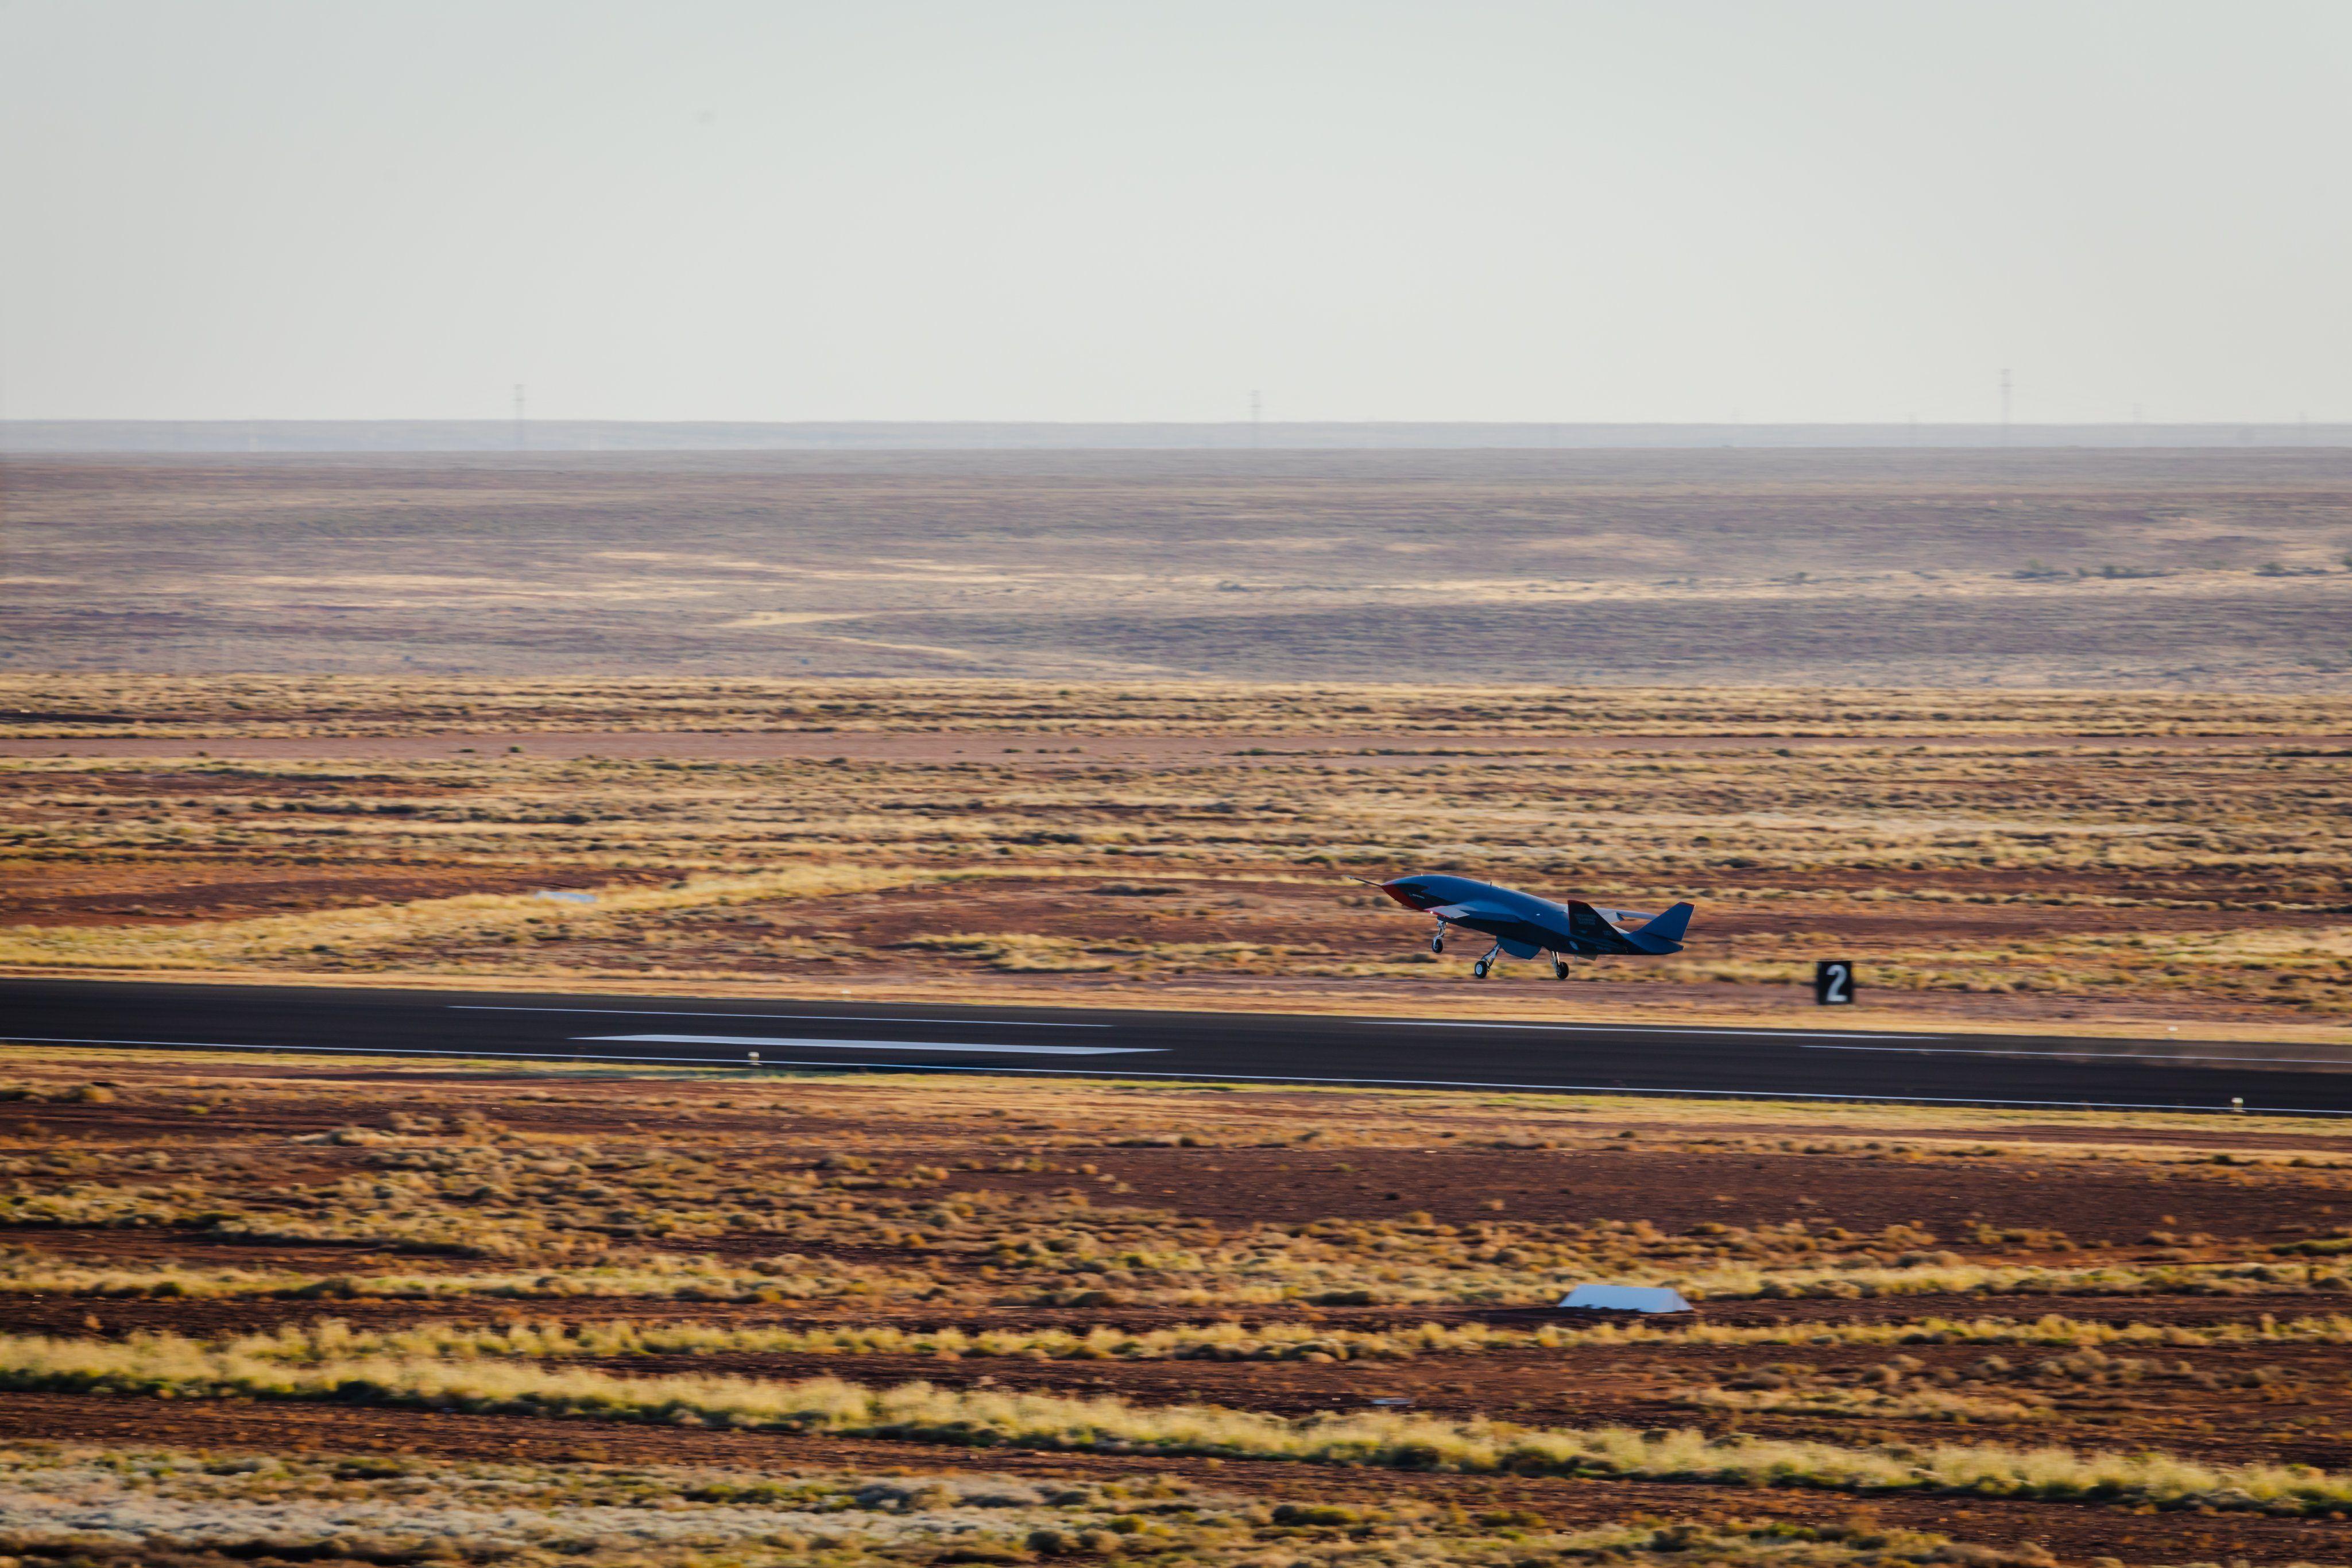 Watch Australia's First New Warplane in Half a Century Take Flight